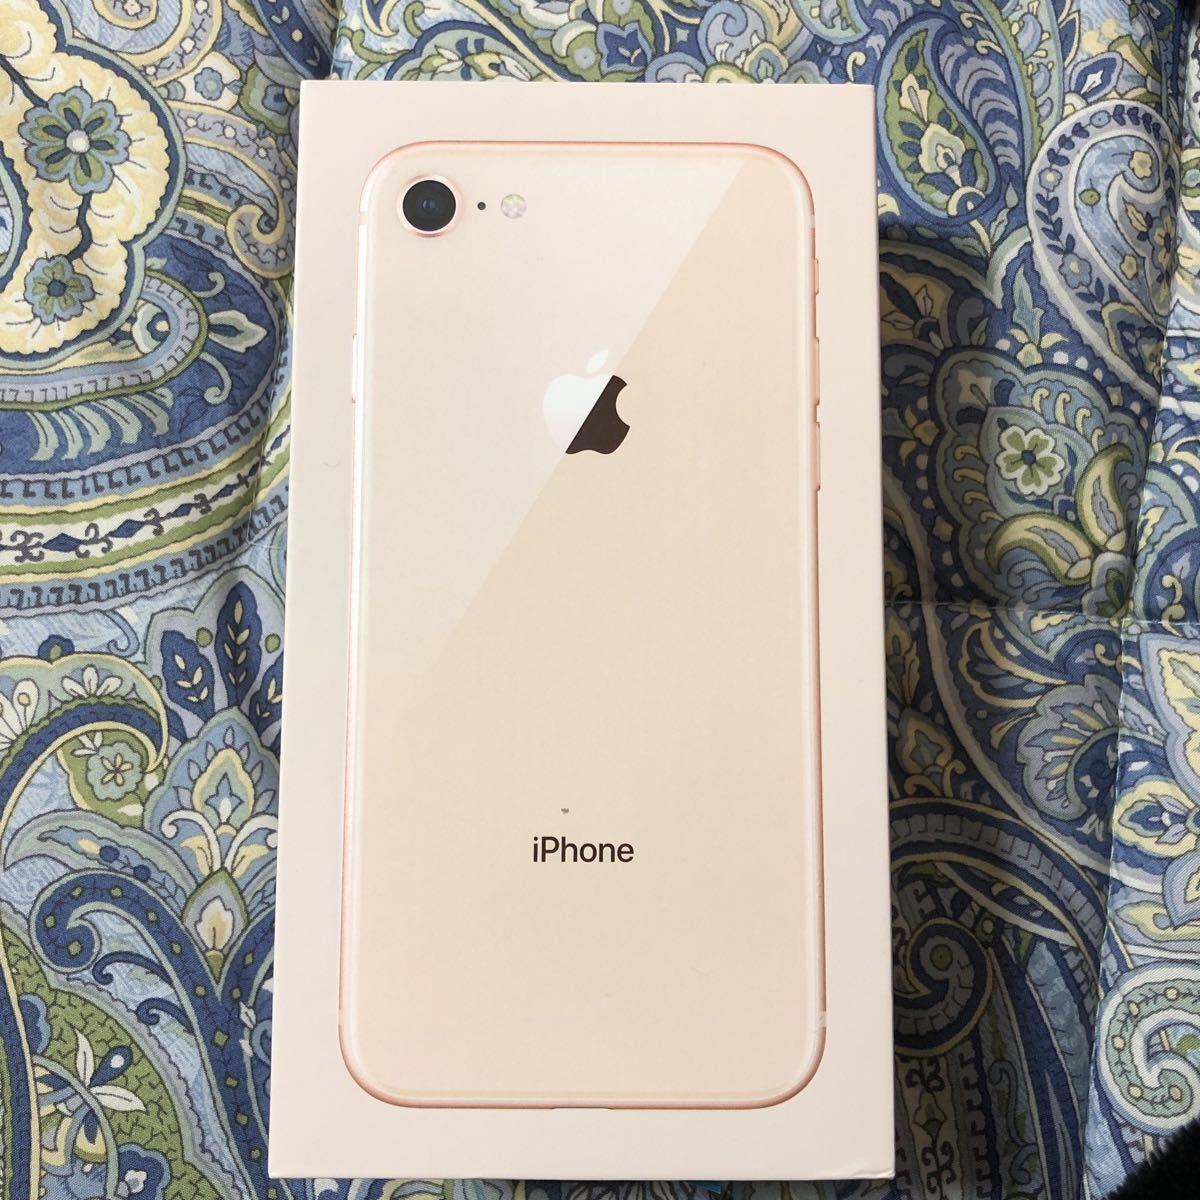 【新品・未使用】 au iPhone 8 64GB ゴールド 残債無し simフリー SIMロック解除済み 即決送料無料